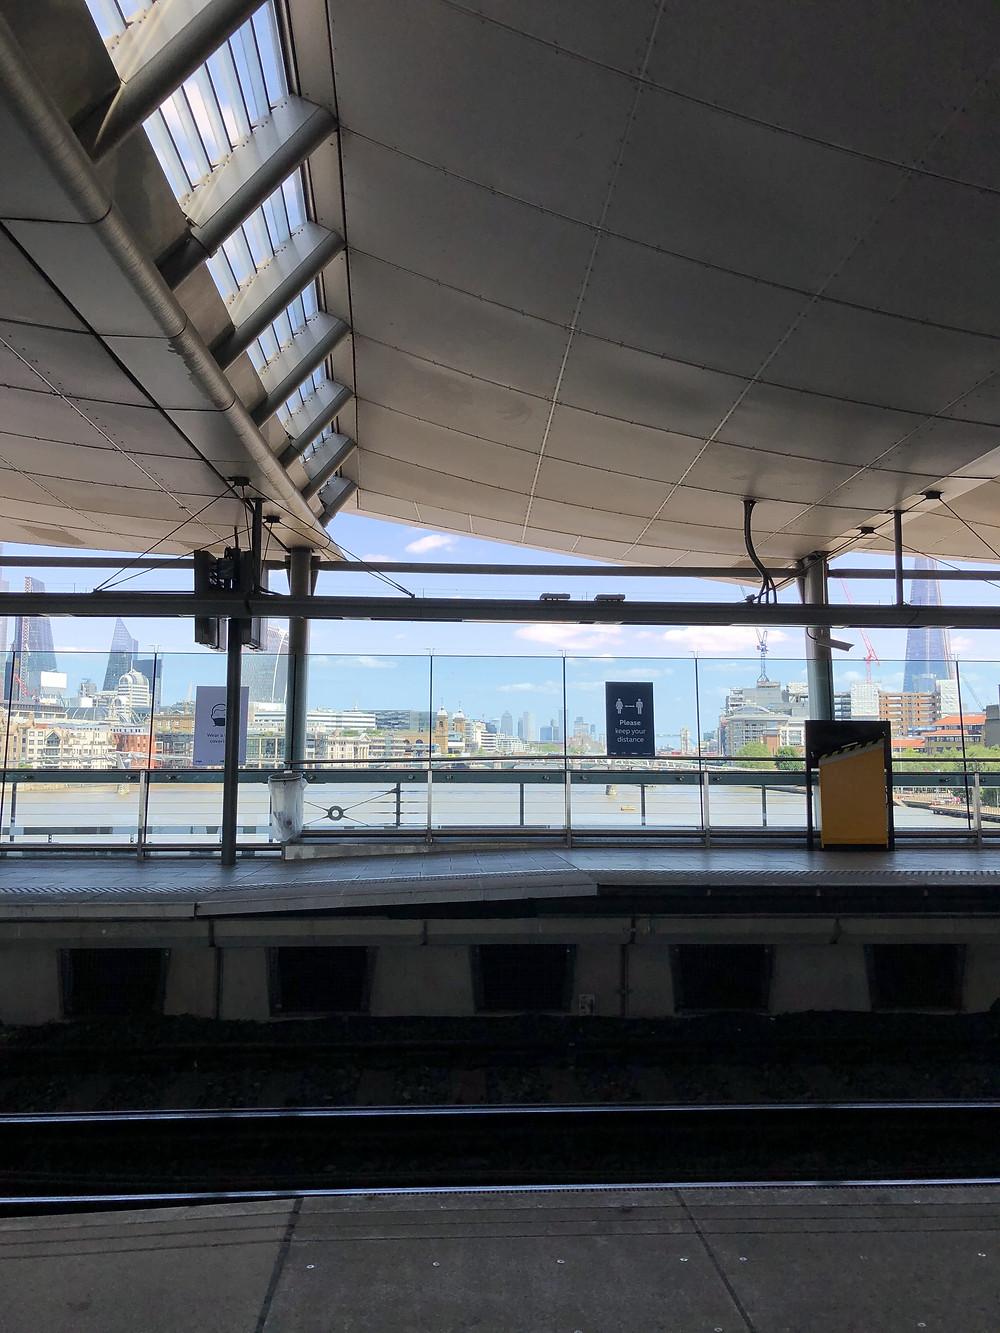 Platform at Blackfriars Station